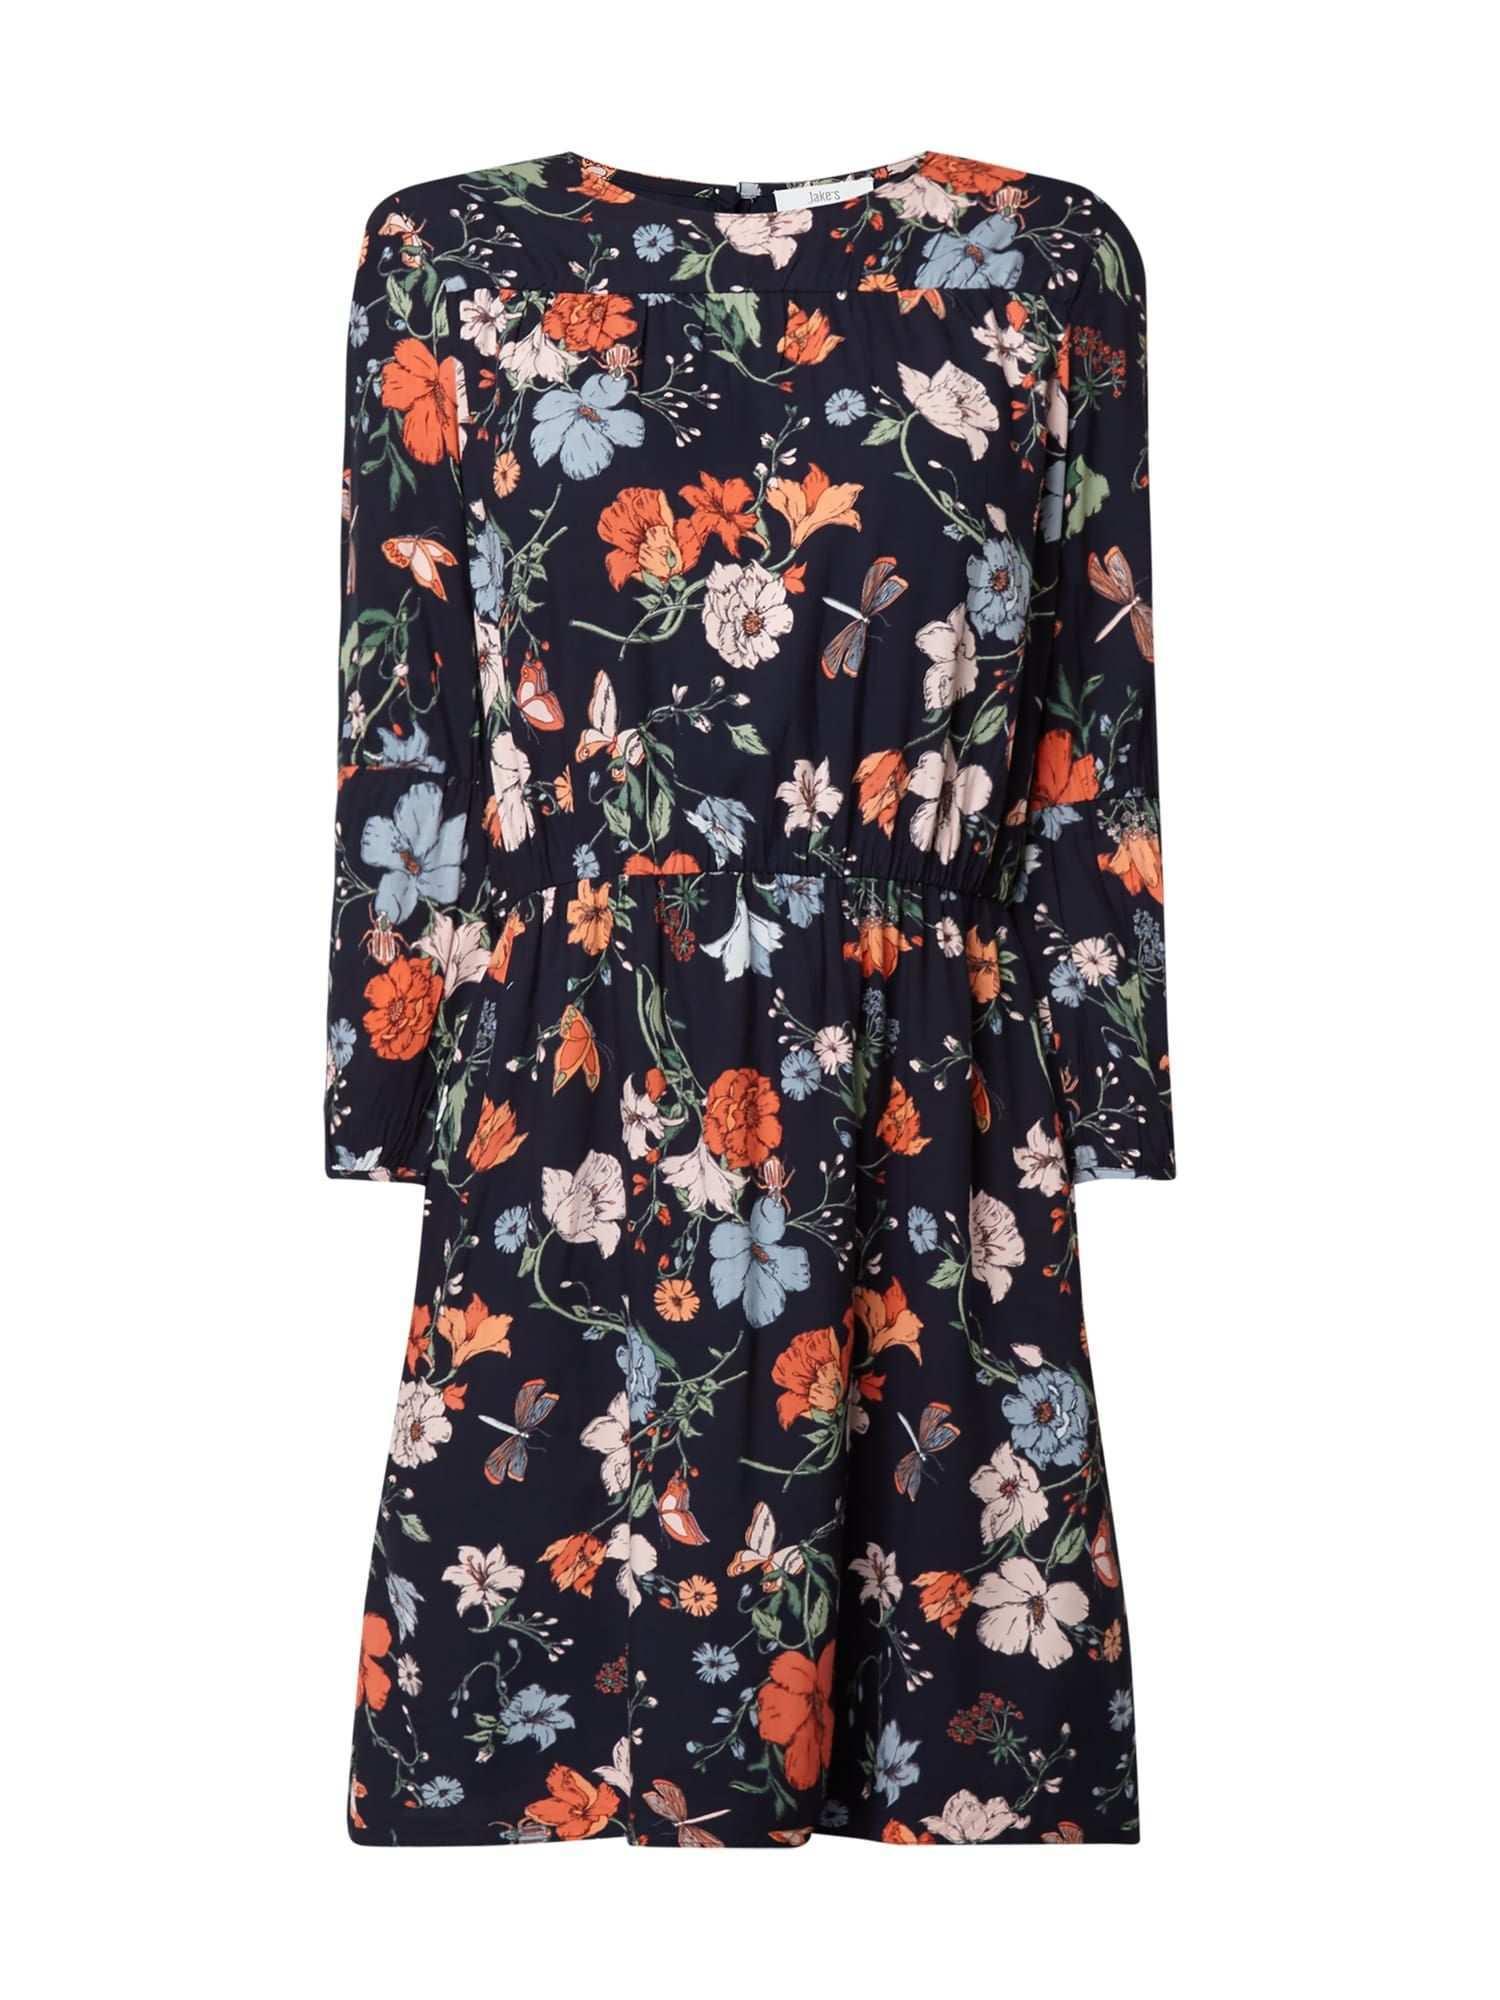 Bei P C Freizeitkleider Von Jakes Jetzt Jakes Kleid Mit Floralem Muster In Blau Turkis Online Kaufen 9793858 Floral Muster Freizeitkleider Kleider